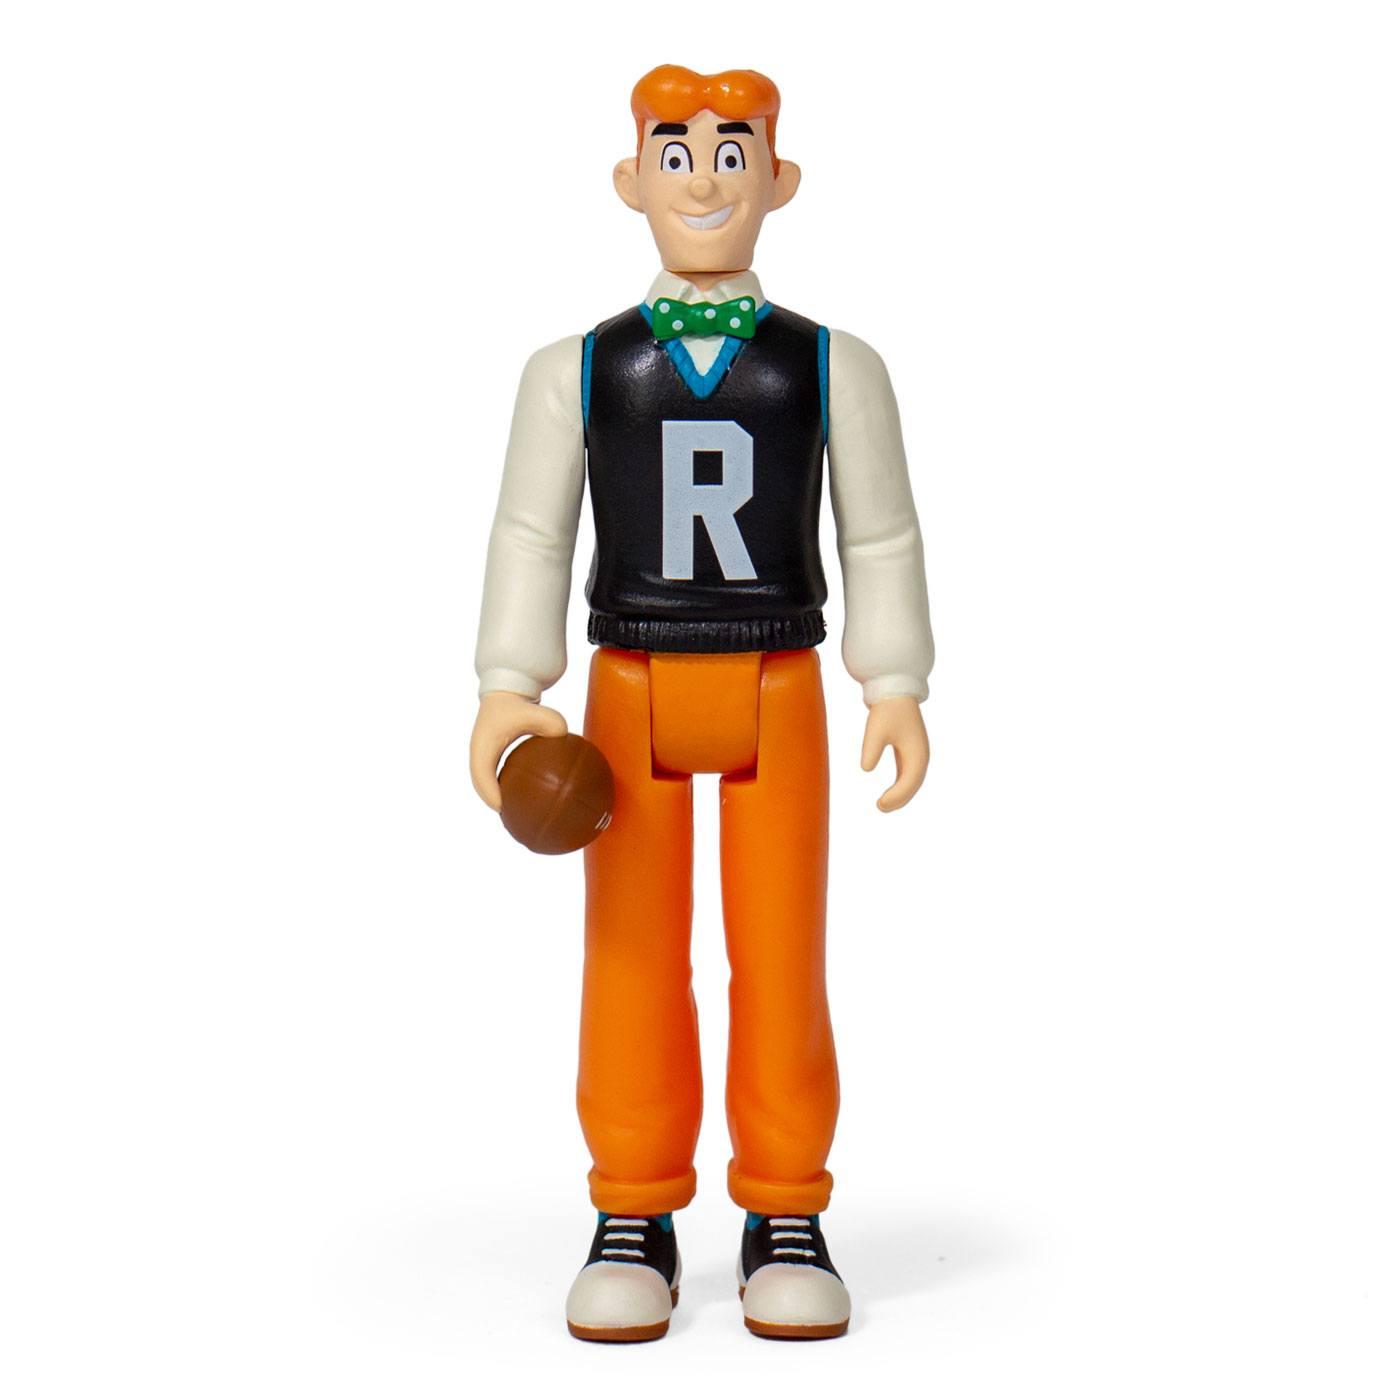 Archie Comics ReAction Action Figure Wave 1 Archie 10 cm